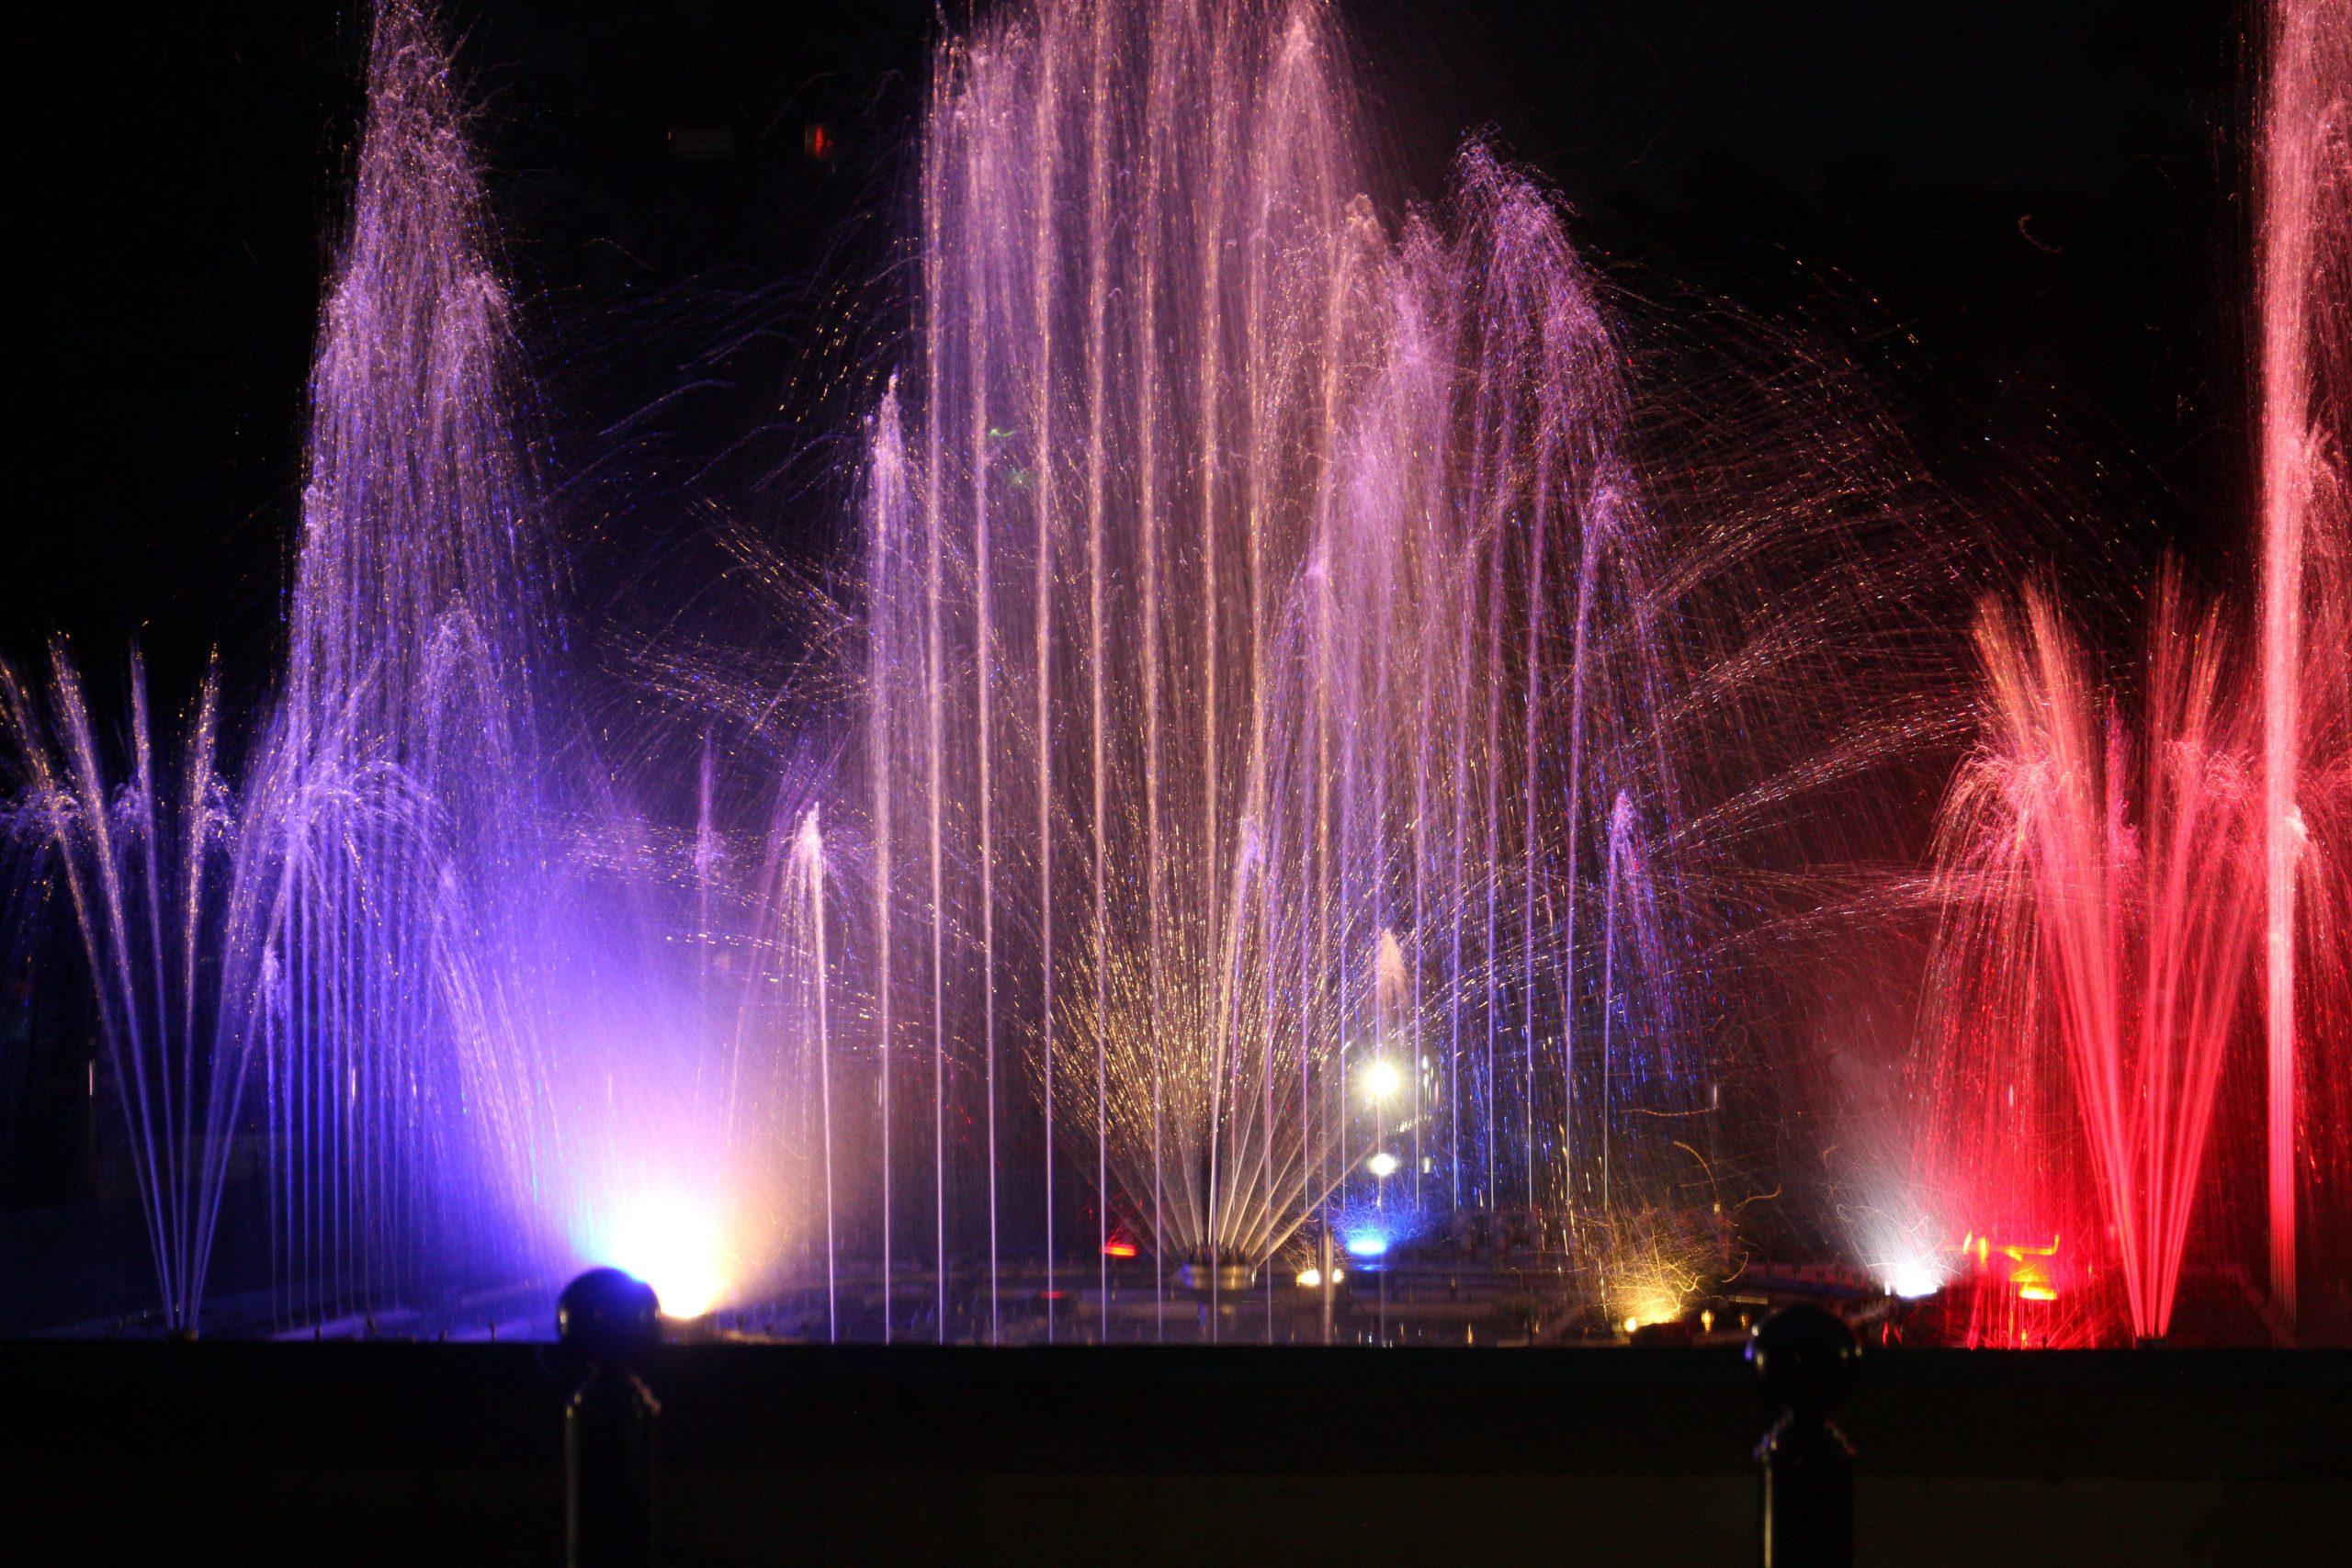 Fountains in Brindavan Gardens